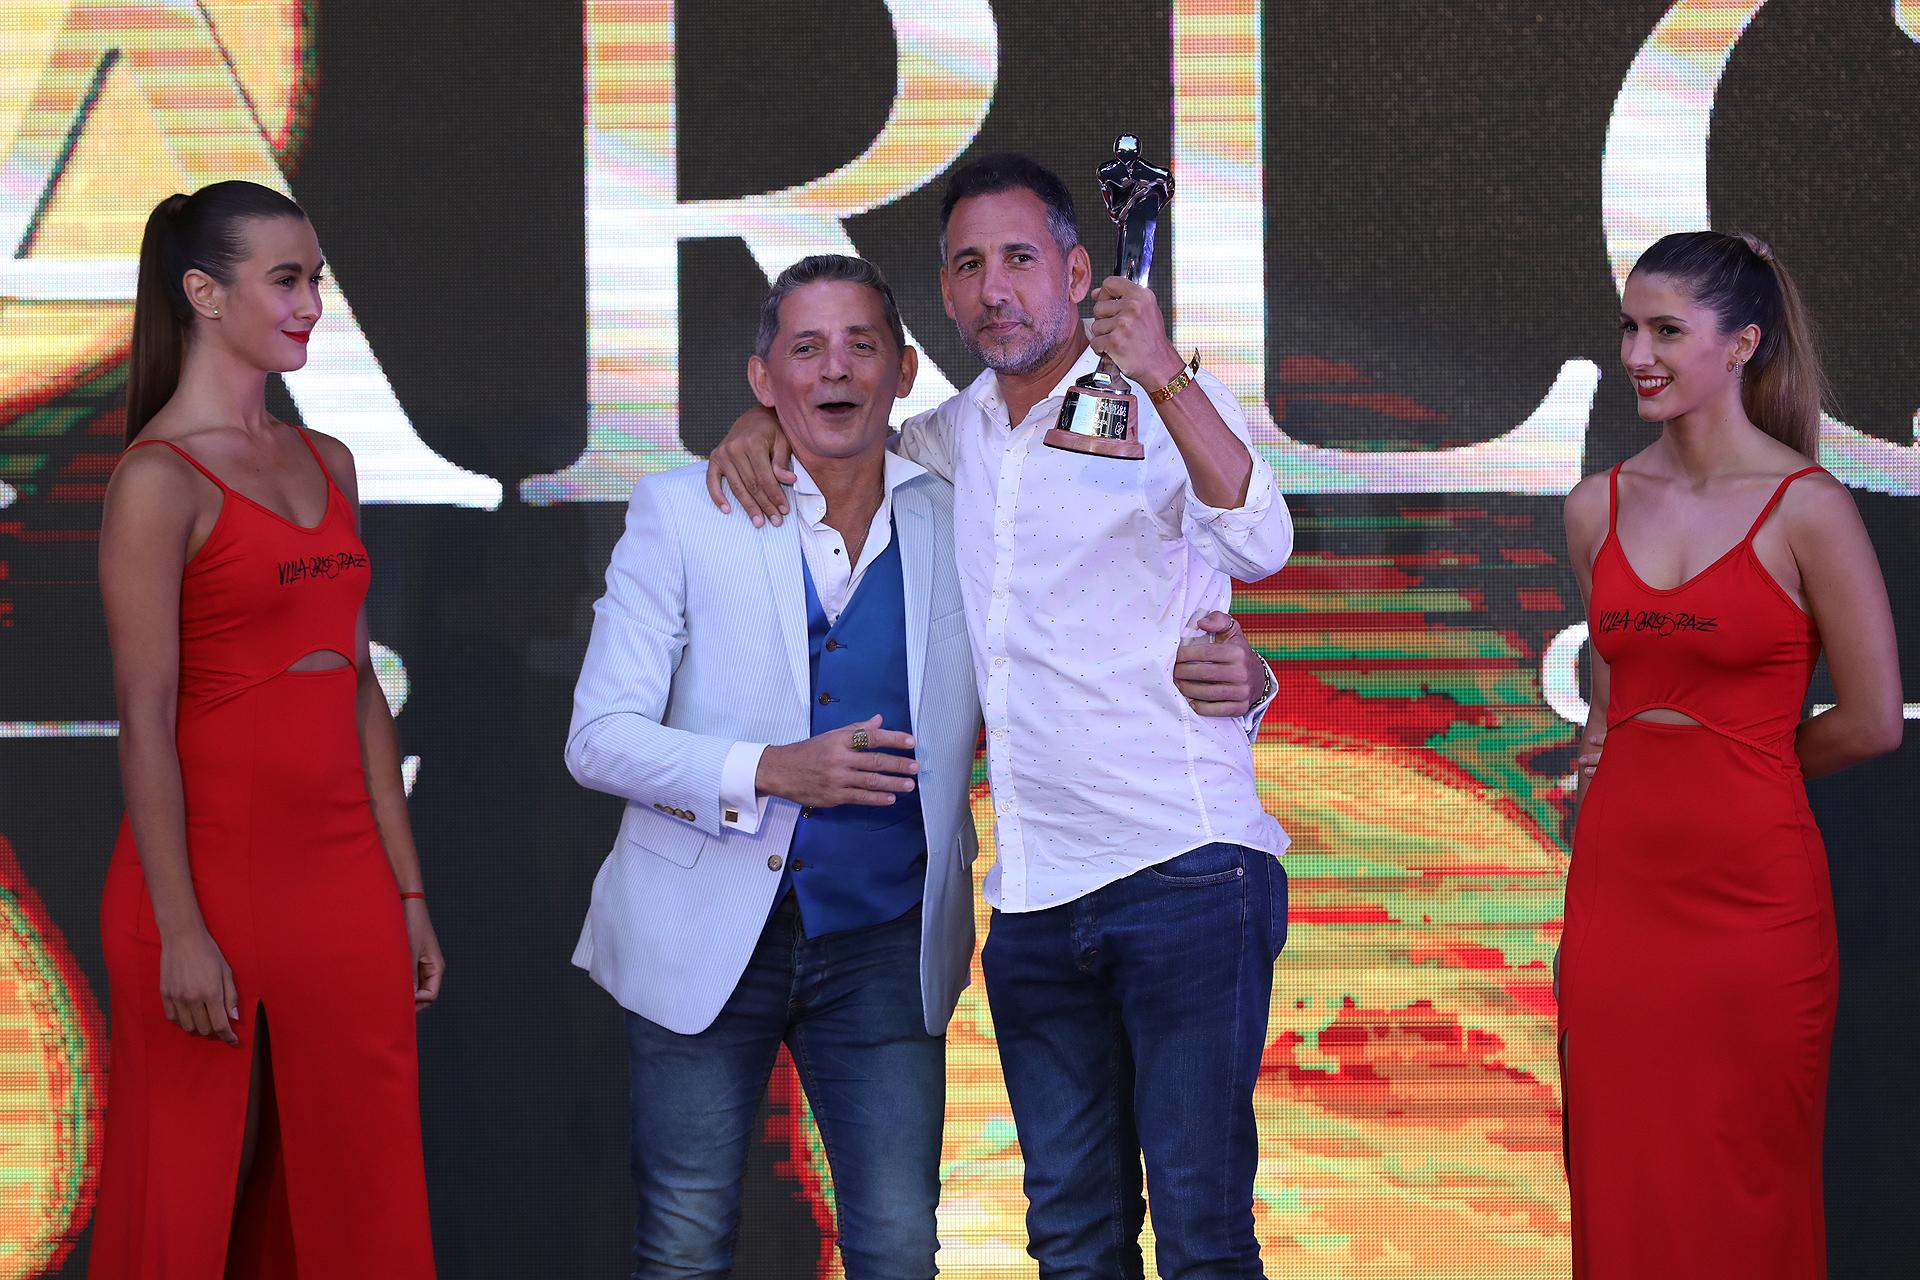 """Ezequiel Corbo, socio de Fede Hoppe y el Chato Prada en DABOPE, sostiene uno de lospremios que ganó su obra, """"Locos por Luisa"""""""